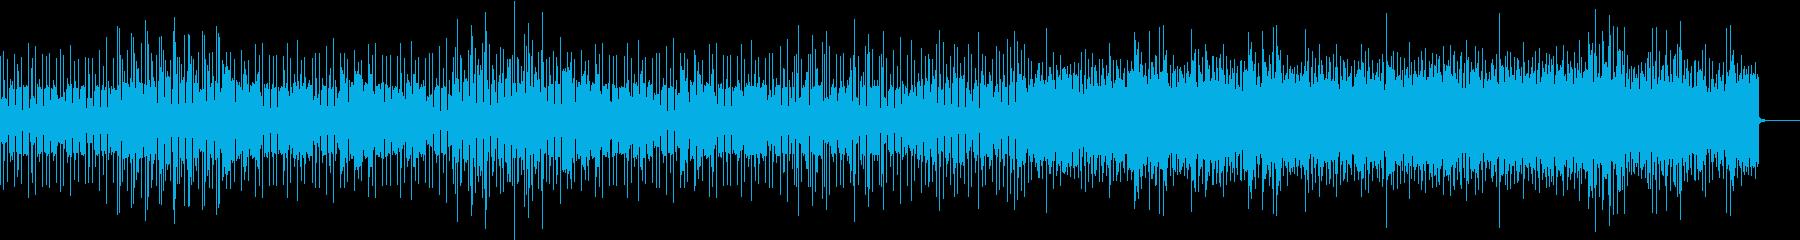 スパイスの効いたノリノリの曲の再生済みの波形